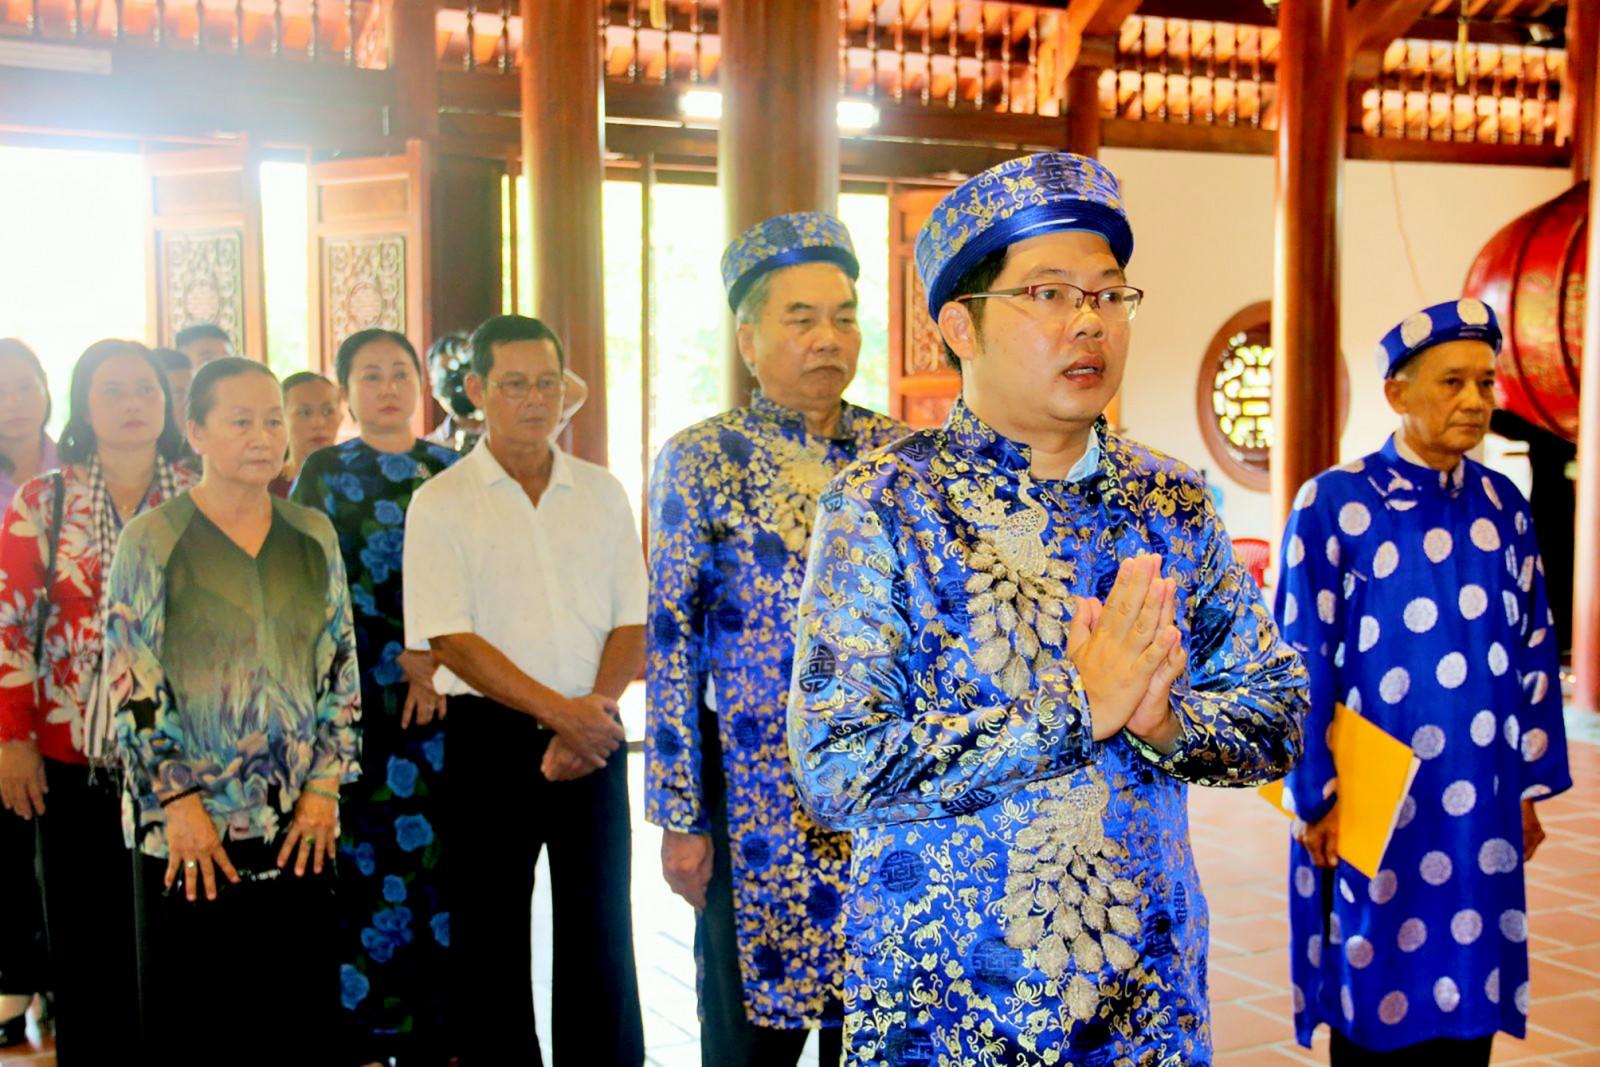 Ban Tổ chức Lễ hội dâng hương, lễ vật cẩn báo Thần Hoàng Bổn Cảnh Đình Thần Tân An để bắt đầu Lễ hội.